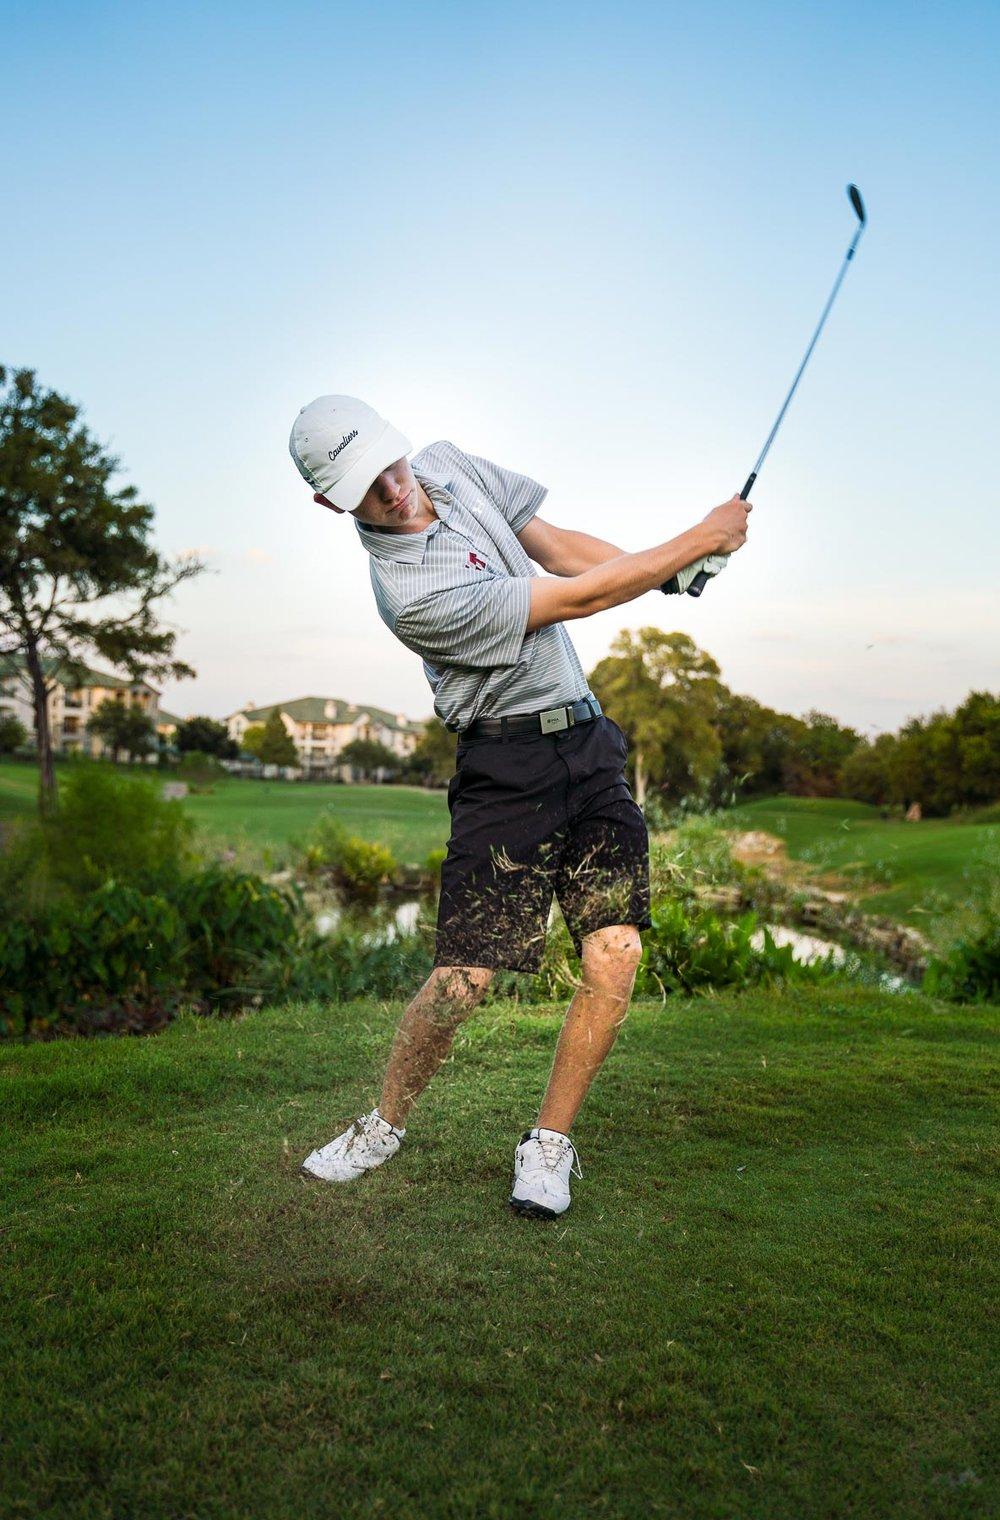 high-school-athlete-golf-photography-by-weston-carls.jpg